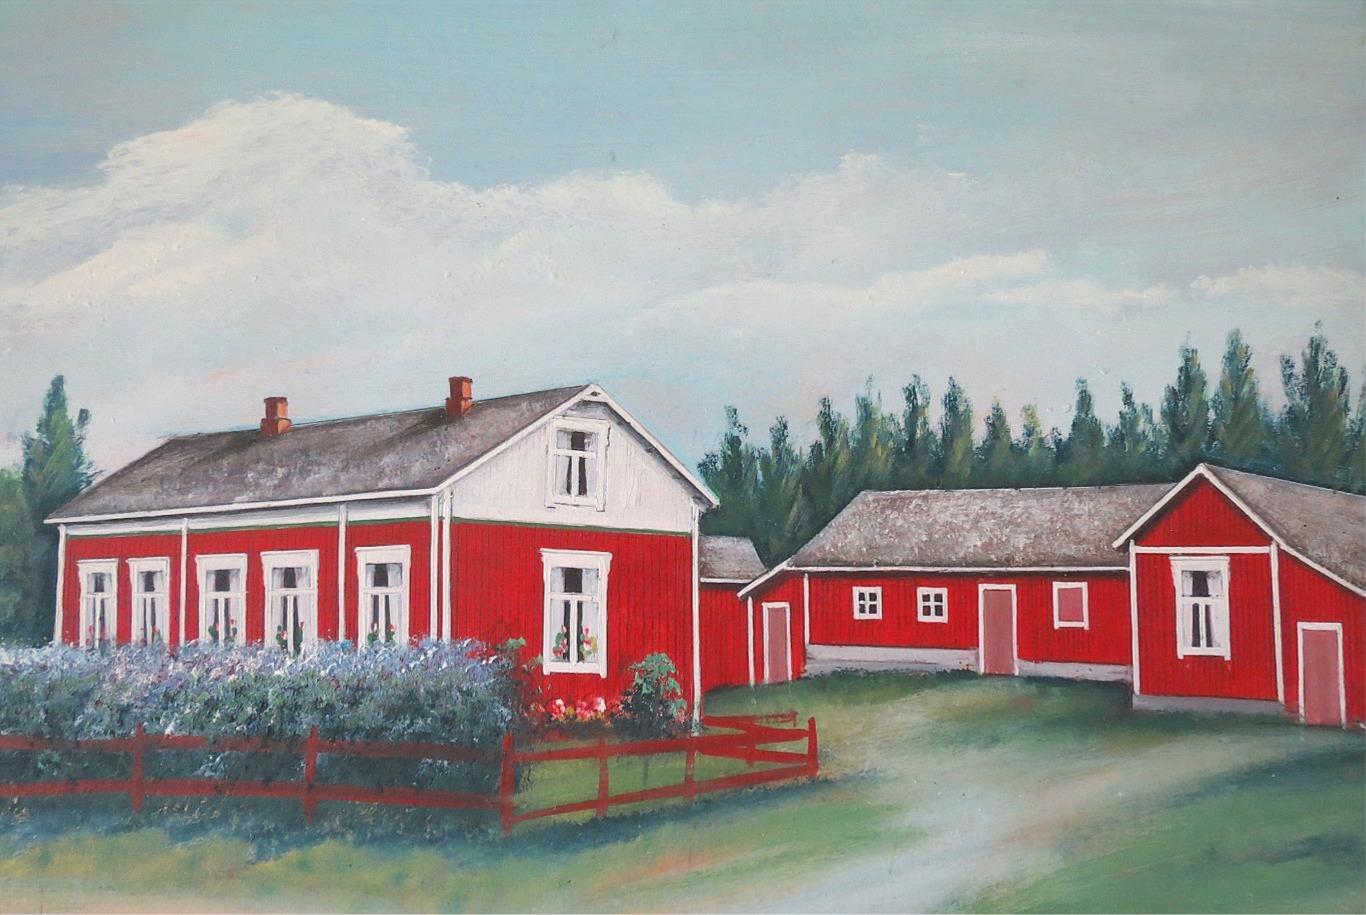 Johan Viktor Berglunds gård enligt konstnären Rosblom.